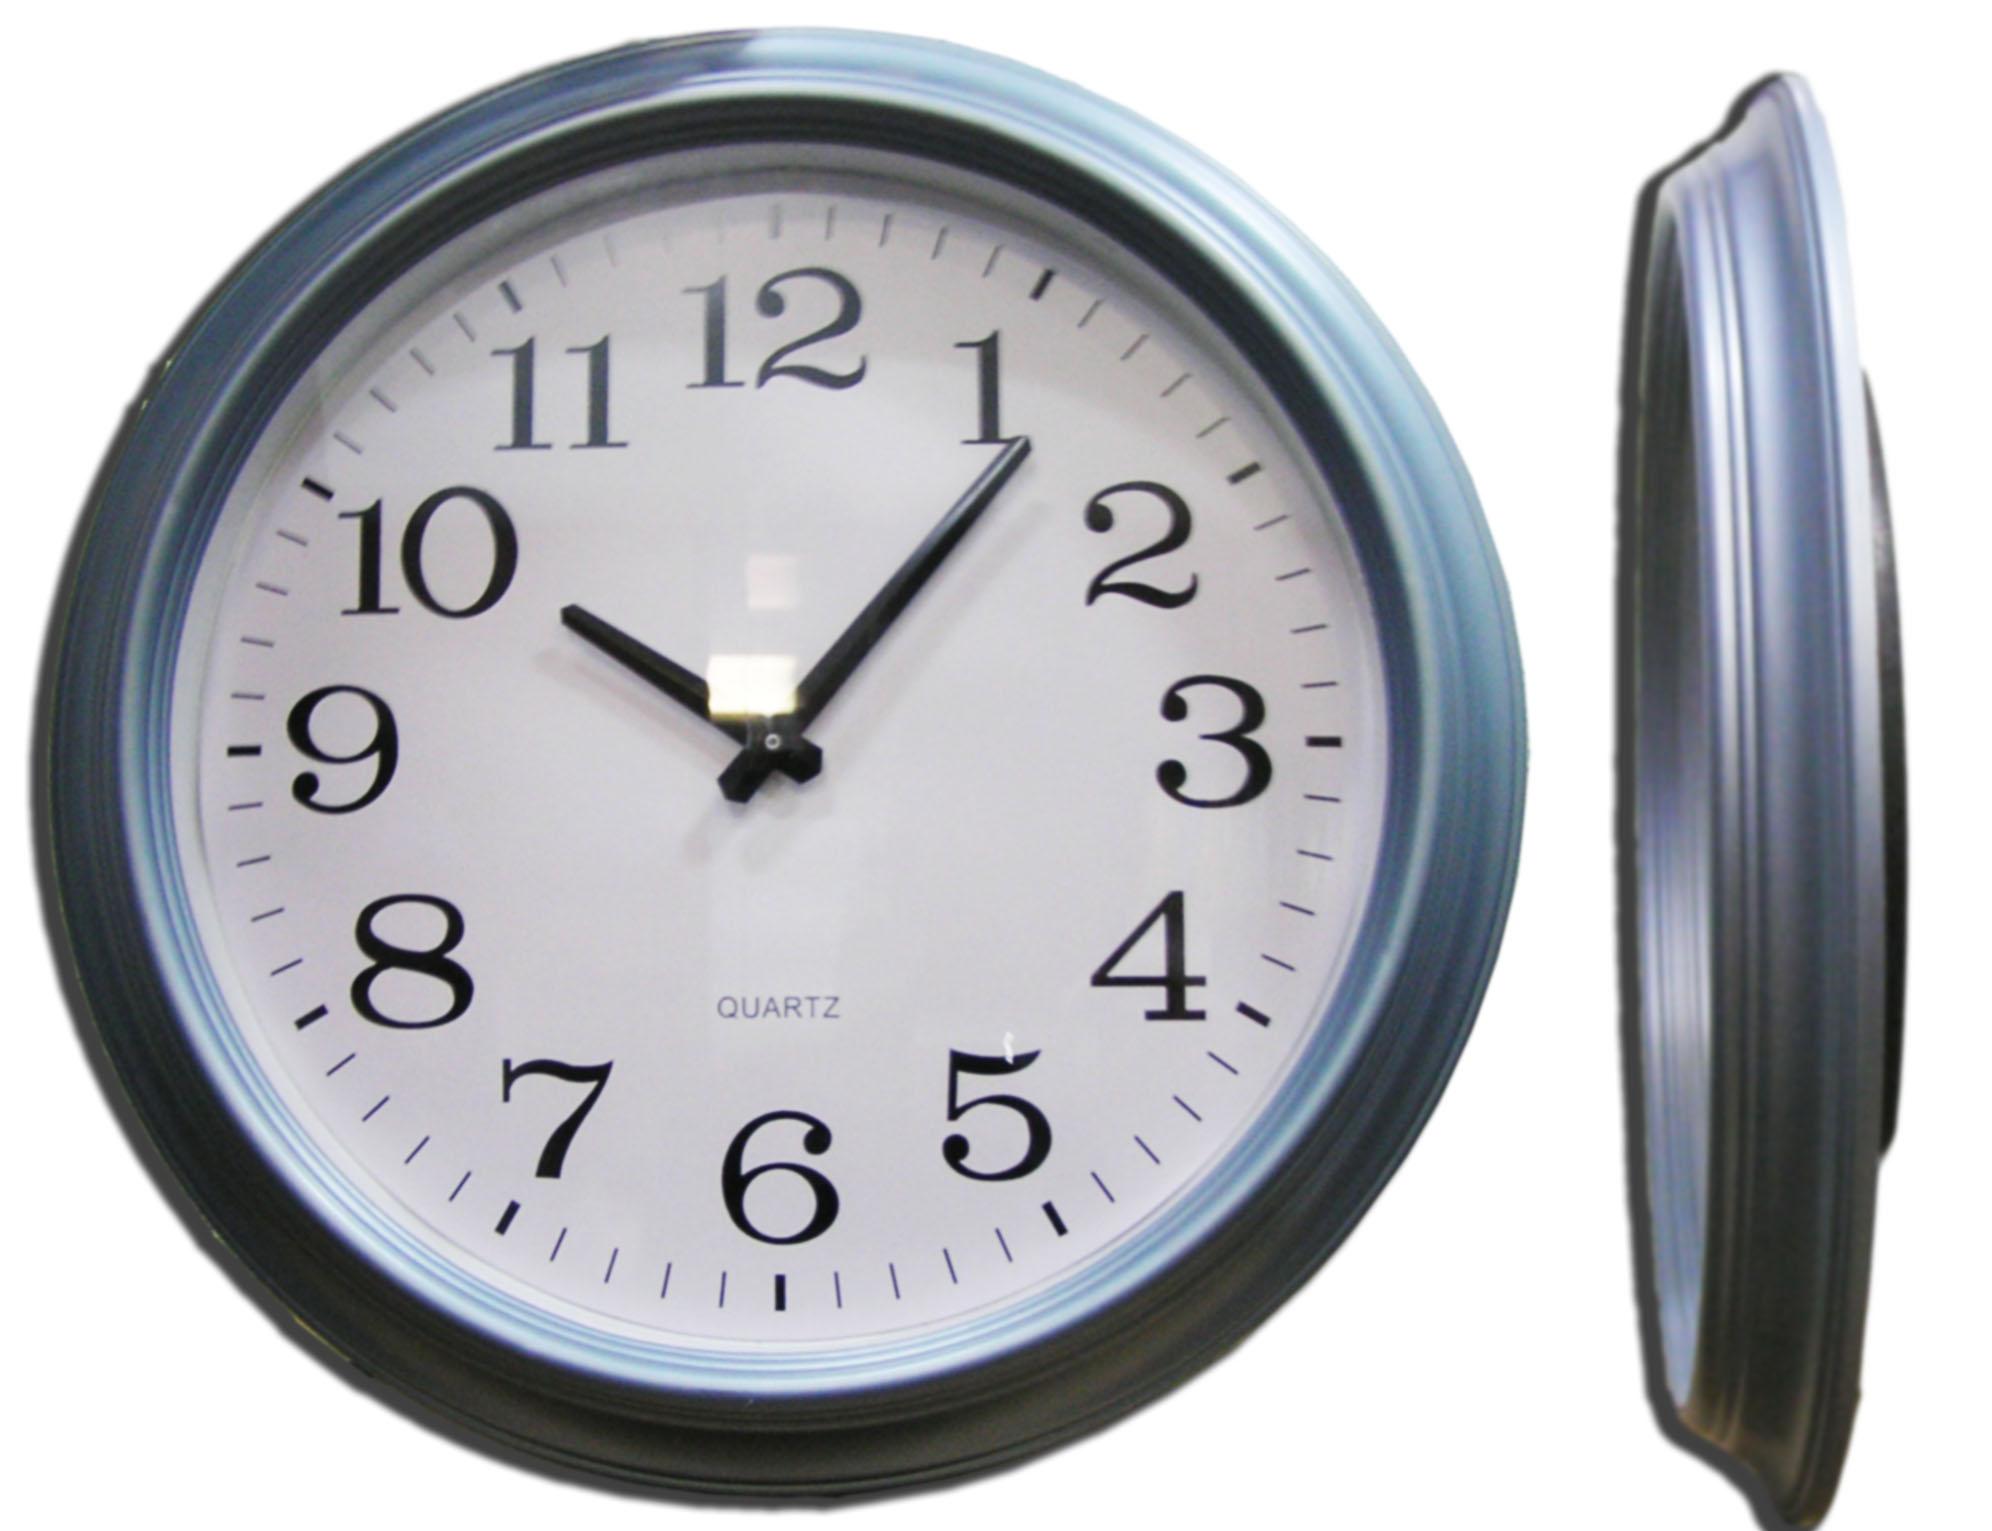 Годинник вторинний ЧЭВ-ТРС-ХХ-ХХ — ТОВ